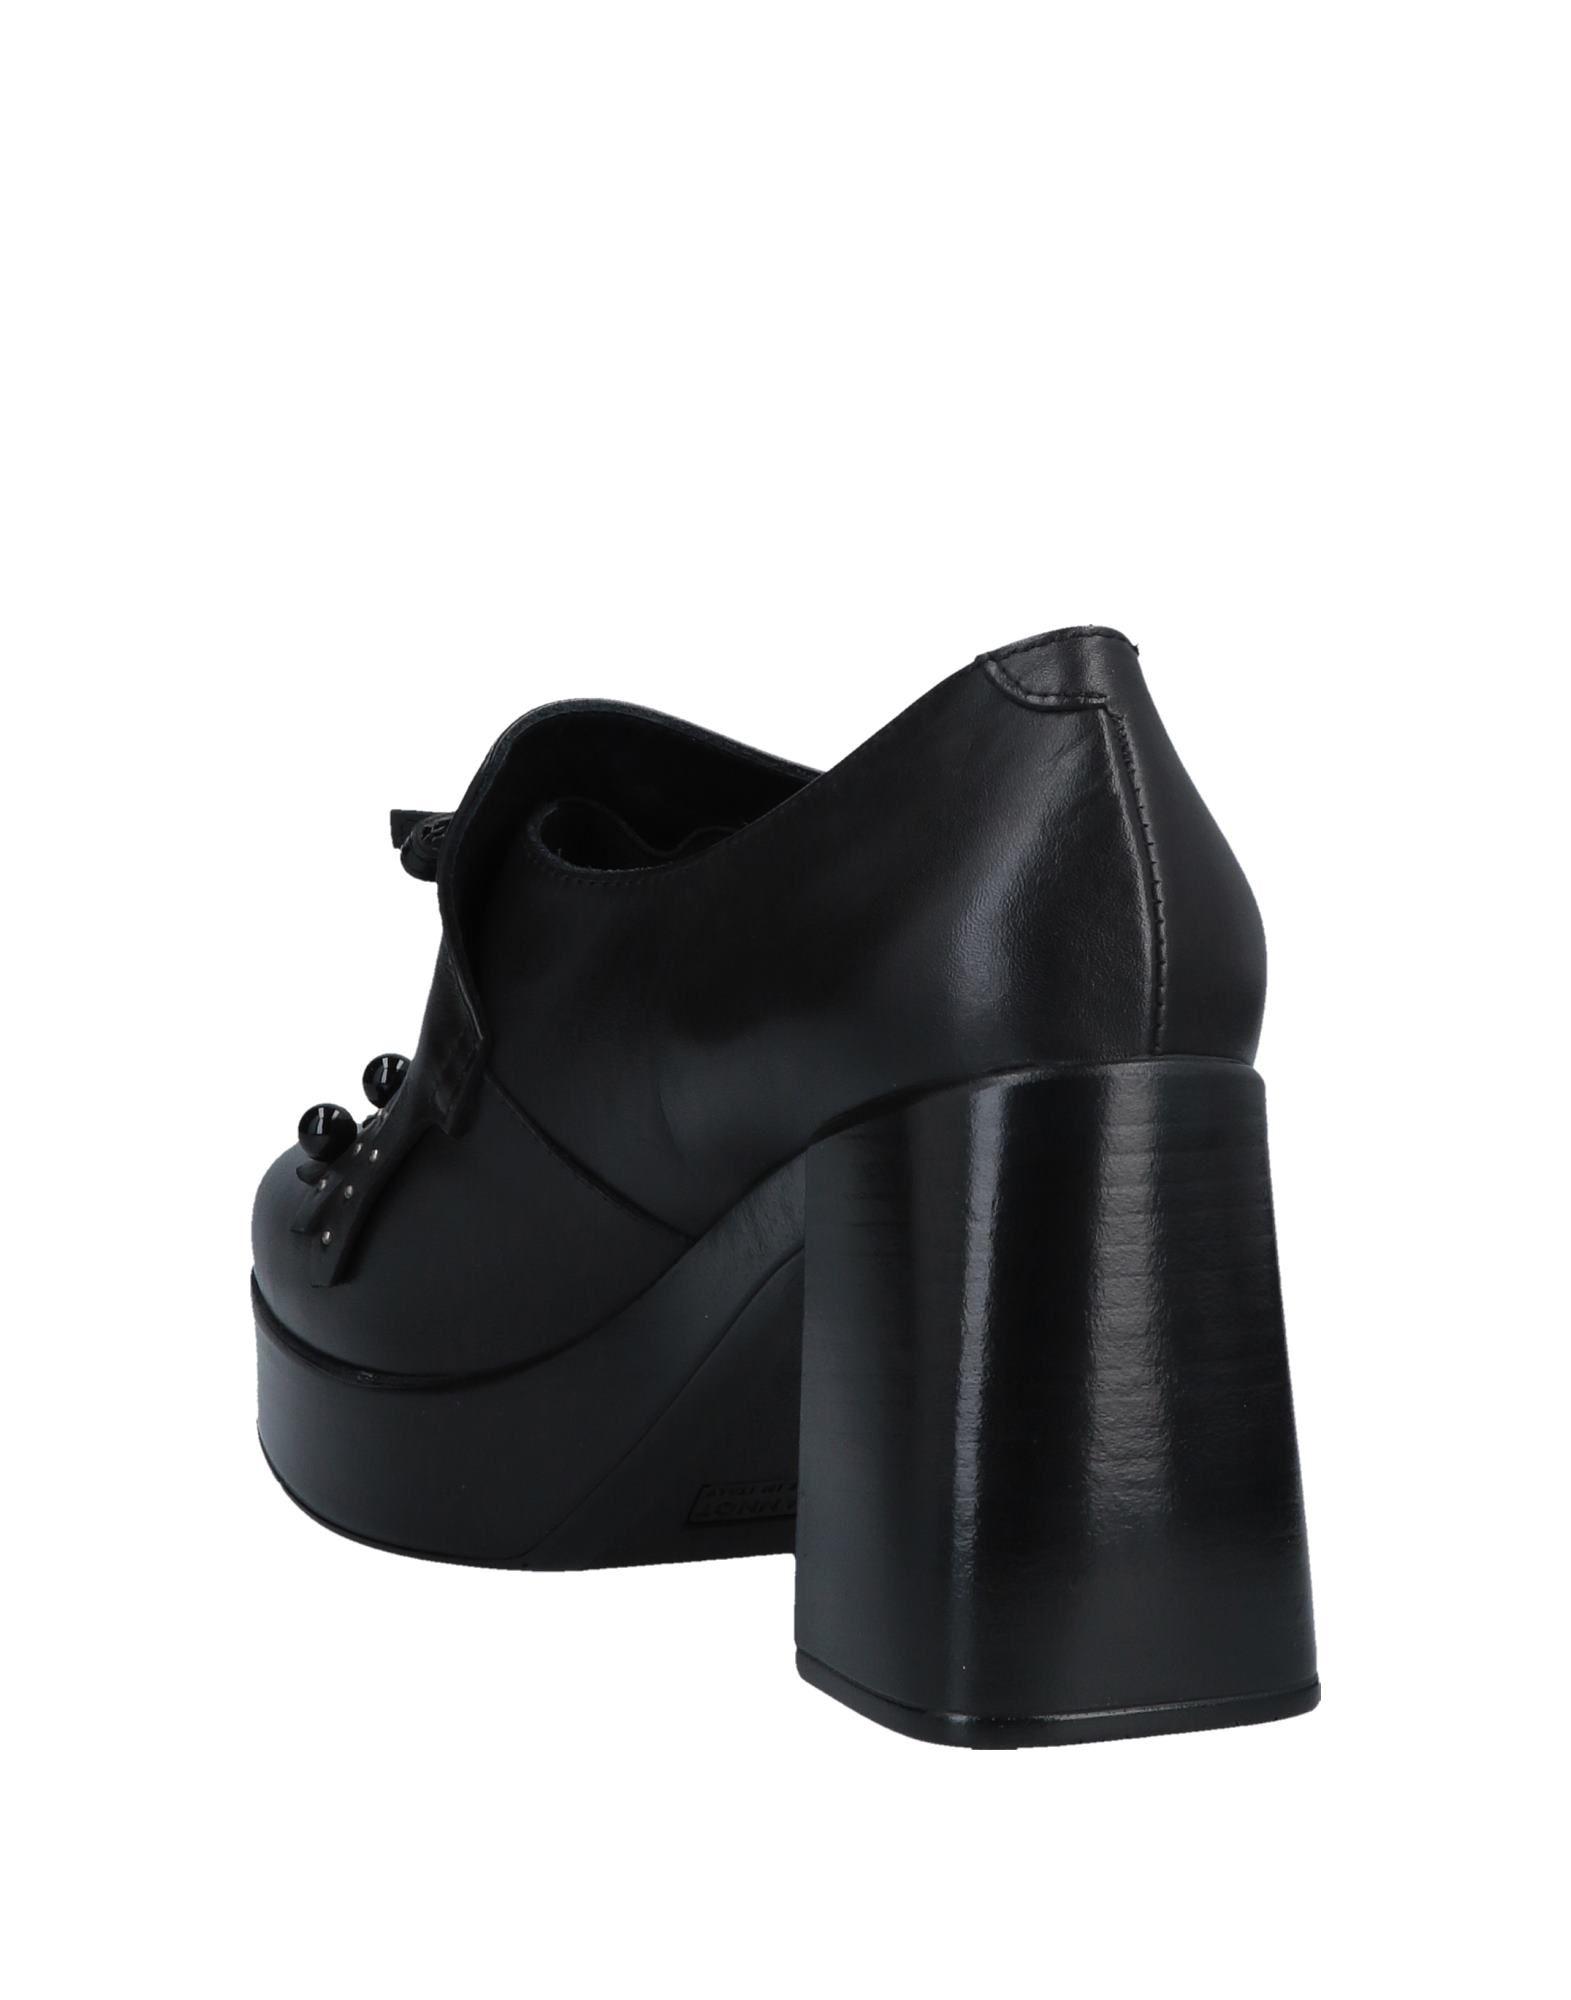 Jeannot Mokassins 11634764VR Damen  11634764VR Mokassins Gute Qualität beliebte Schuhe dce895